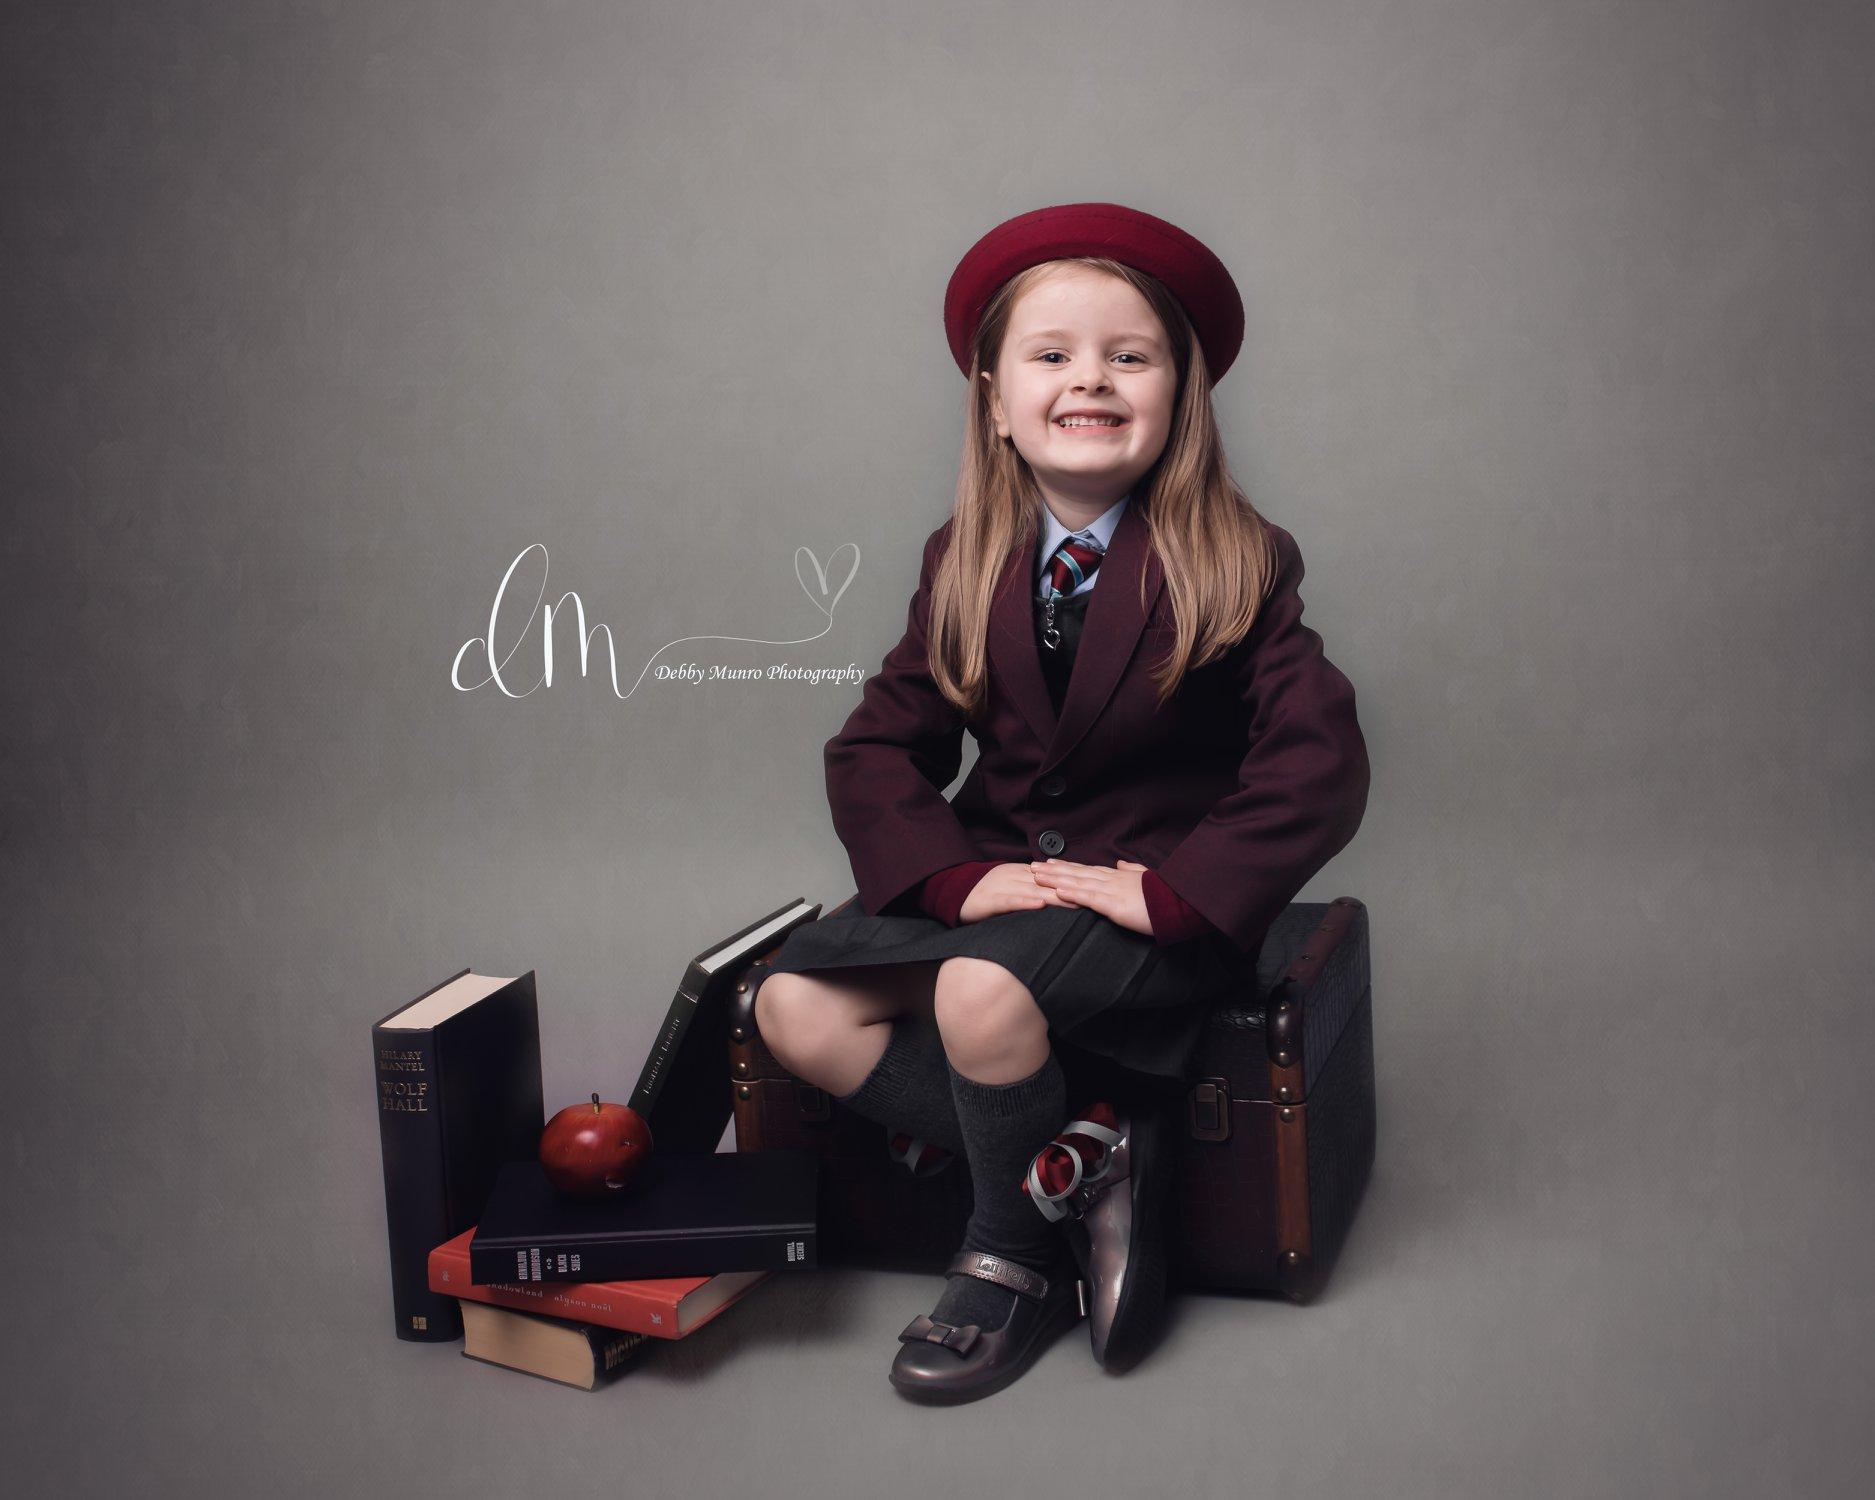 Studio Back to School Mini Sessiob by Debby Munro